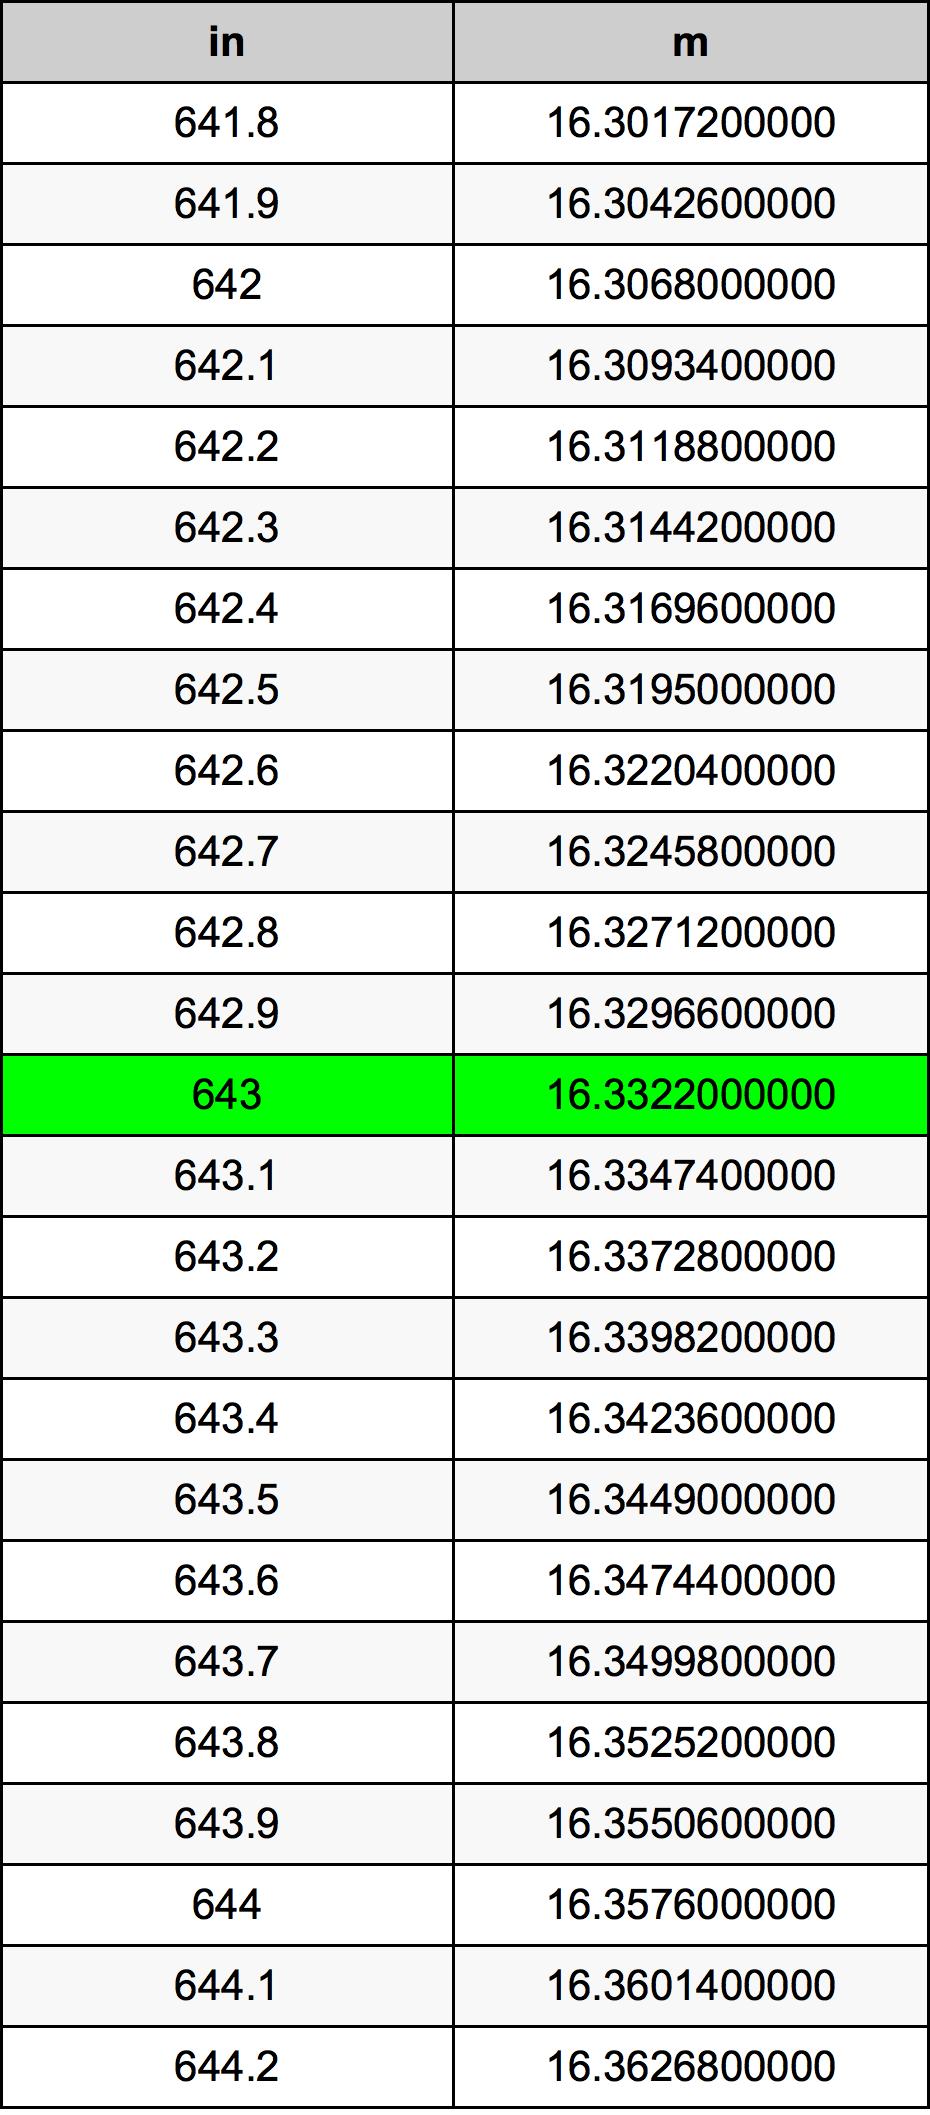 643 Pulzier konverżjoni tabella